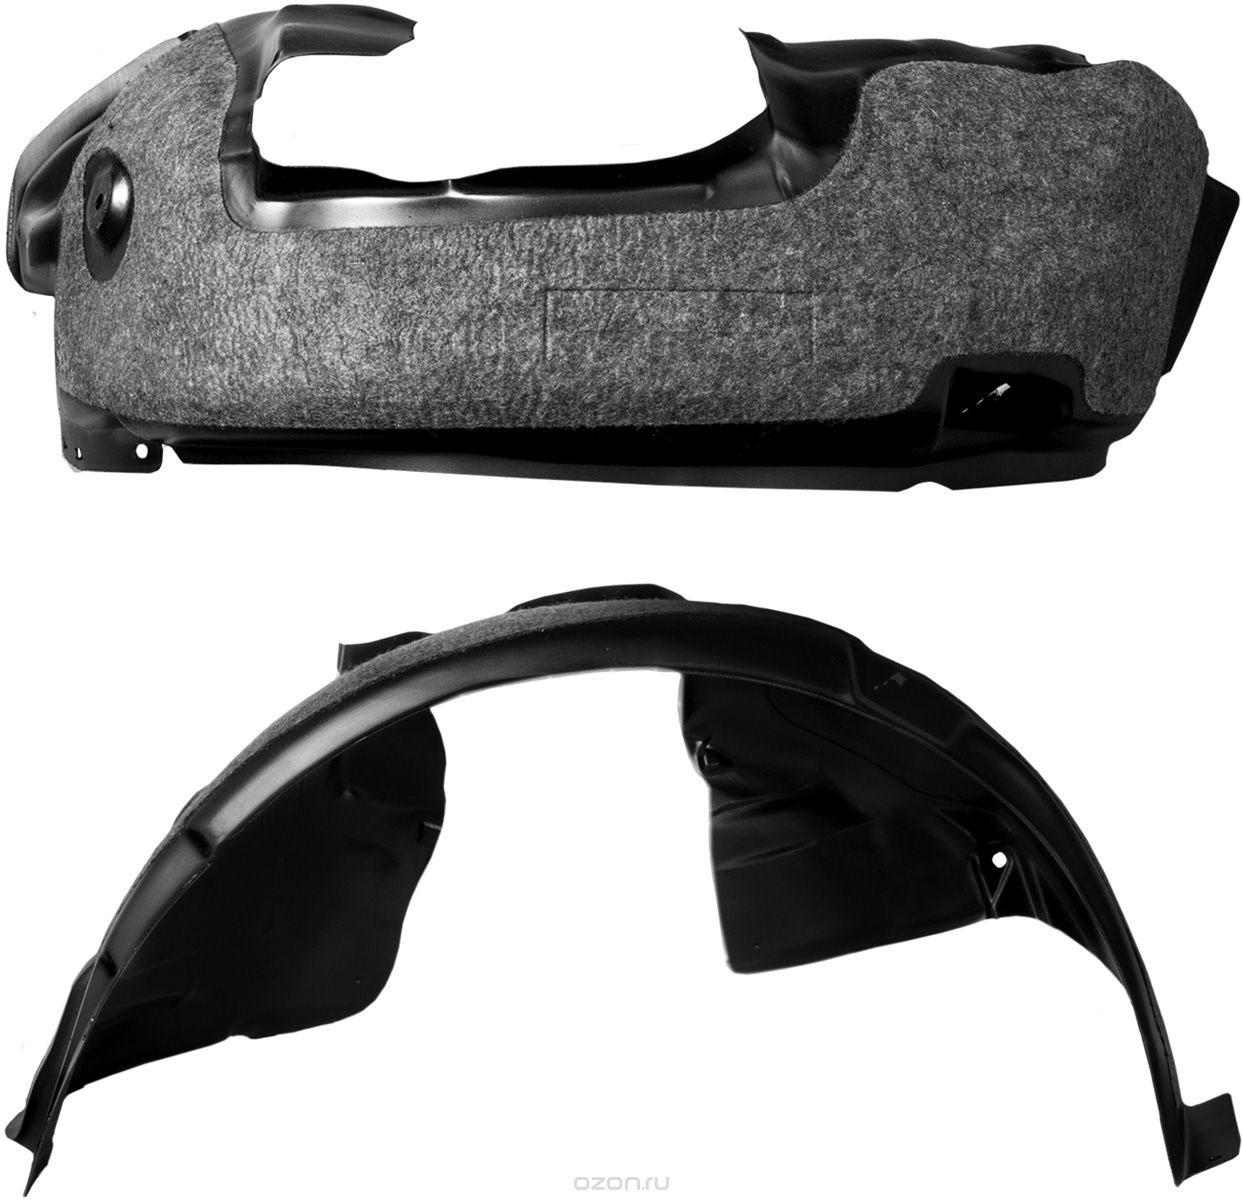 Подкрылок Novline-Autofamily, с шумоизоляцией, для MITSUBISHI Outlander, 2015->, передний левыйNLS.35.26.001Идеальная защита колесной ниши. Локеры разработаны с применением цифровых технологий, гарантируют максимальную повторяемость поверхности арки. Изделия устанавливаются без нарушения лакокрасочного покрытия автомобиля, каждый подкрылок комплектуется крепежом. Уважаемые клиенты, обращаем ваше внимание, что фотографии на подкрылки универсальные и не отражают реальную форму изделия. При этом само изделие идет точно под размер указанного автомобиля.